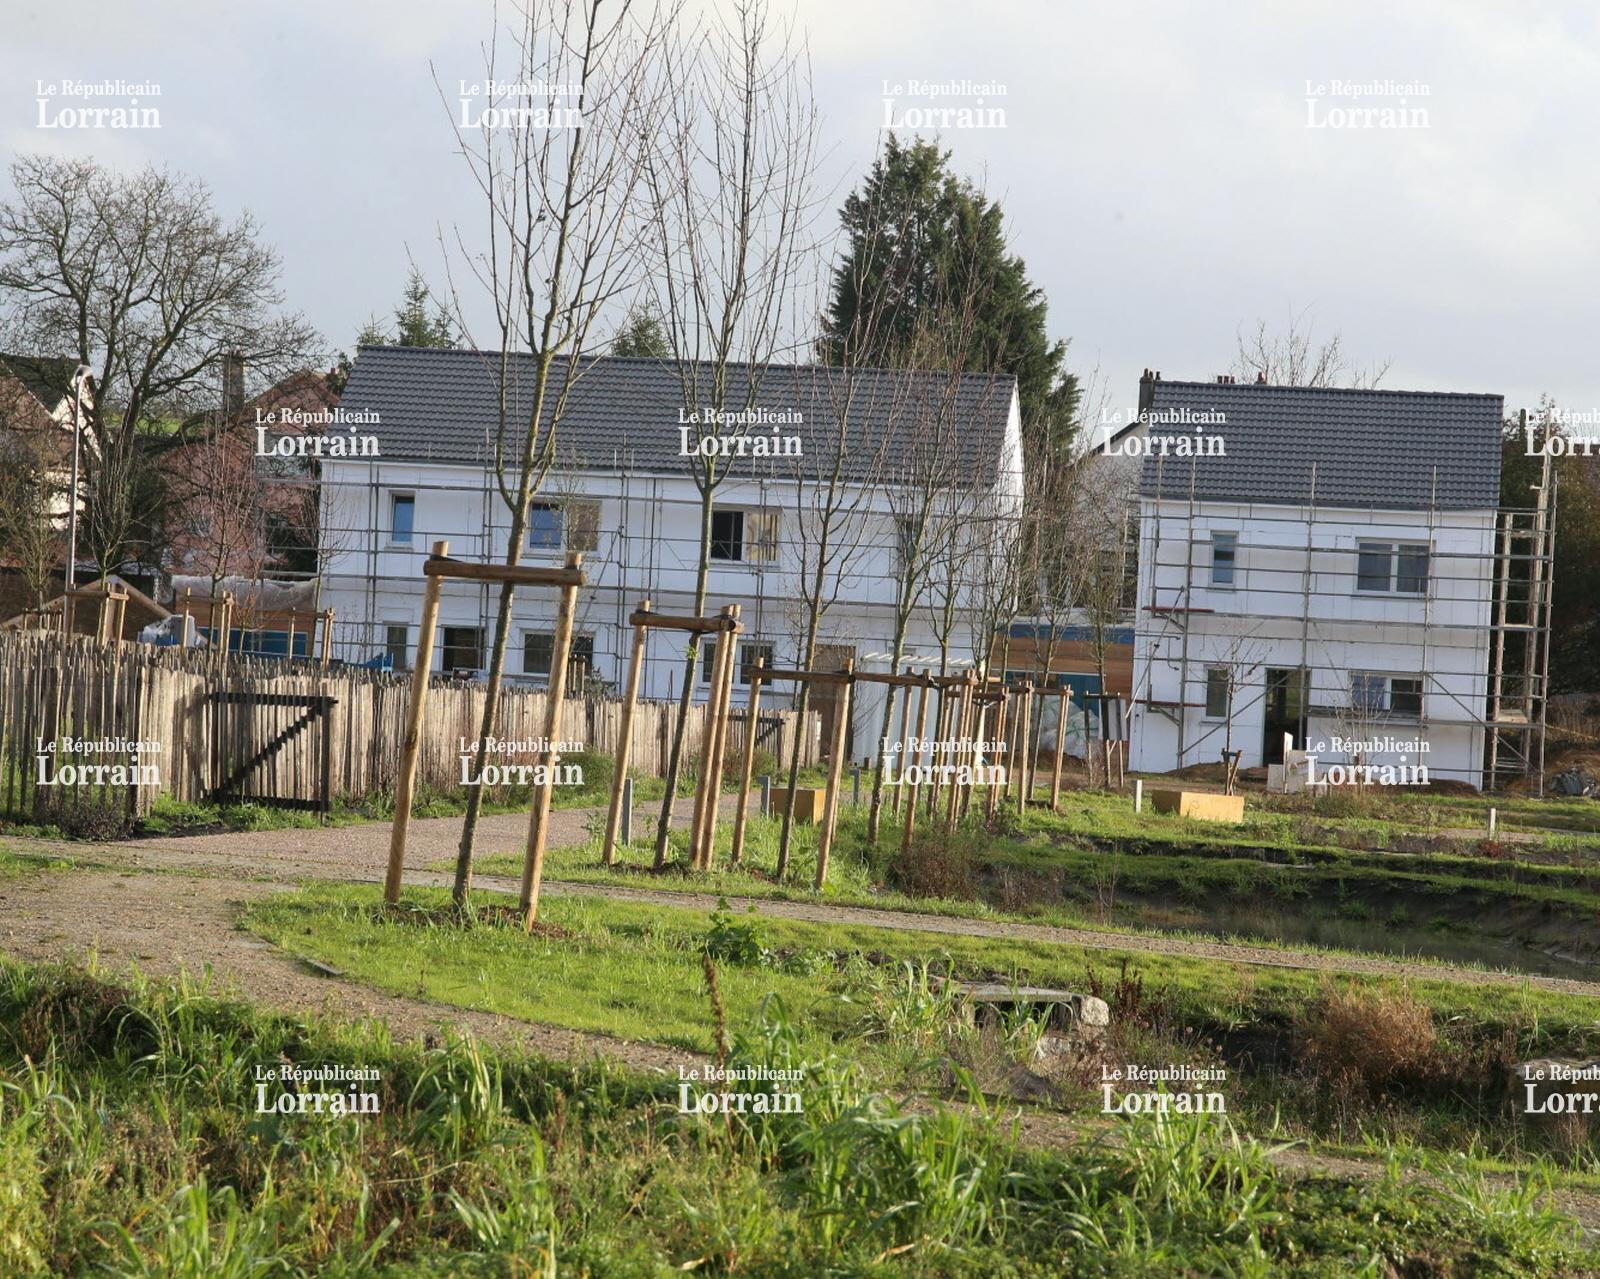 Maison Eco Bois Ventana Blog